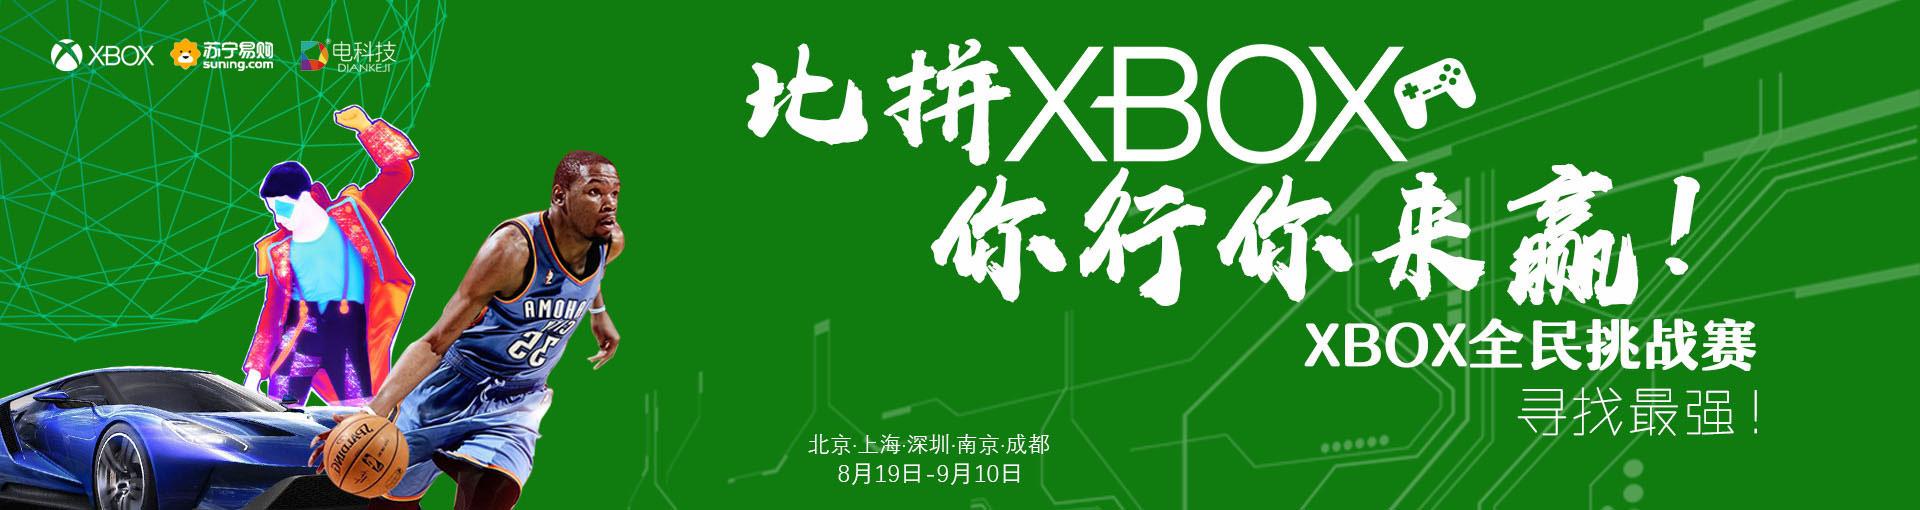 比拼XBOX,你行你来赢!